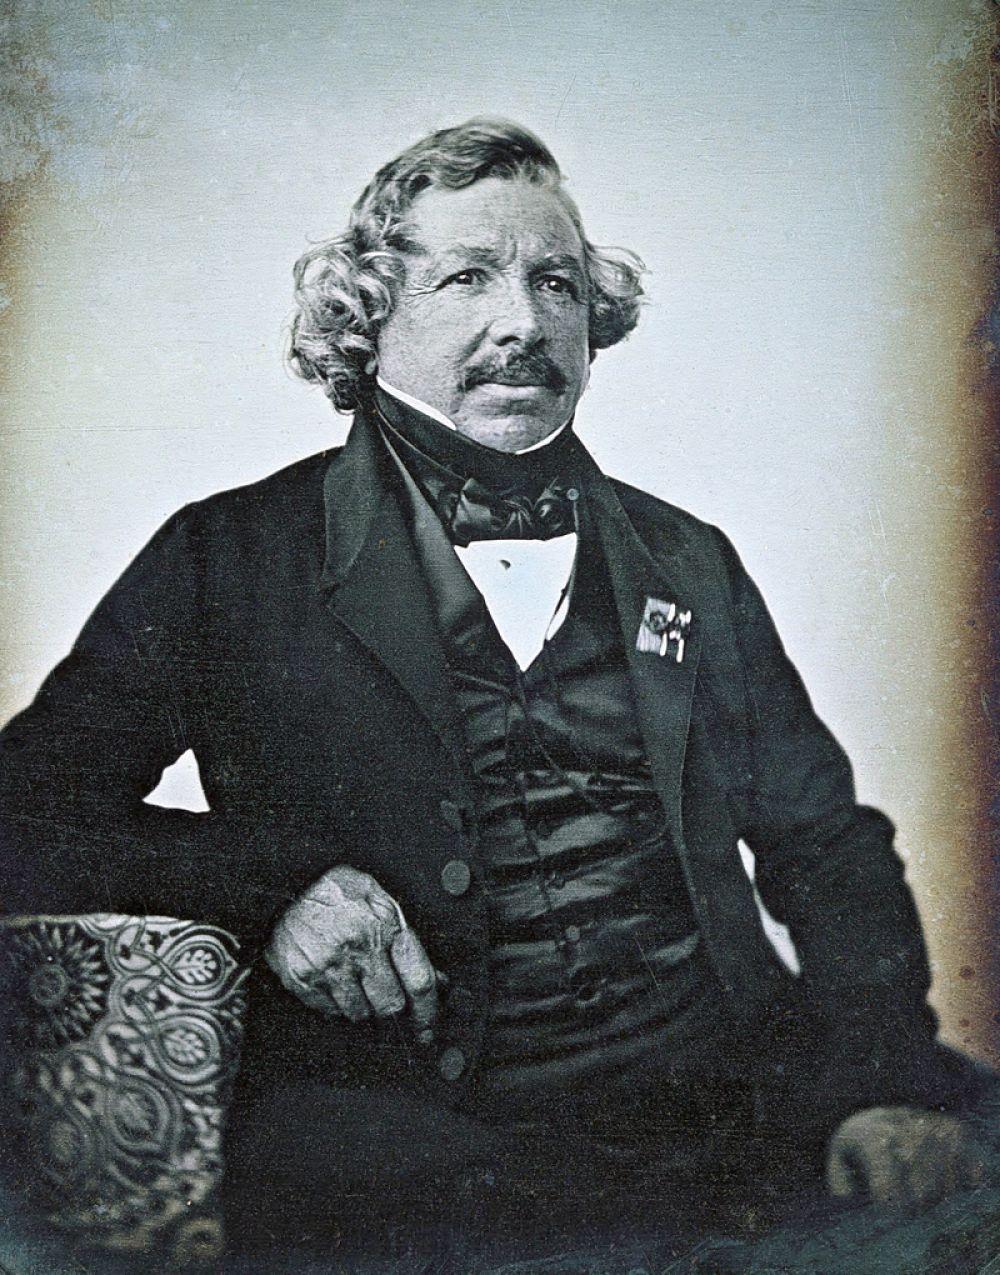 Портрет самого Луи Дагера, снятый в 1844 году Жан-Батистом Сабатье-Блотом.